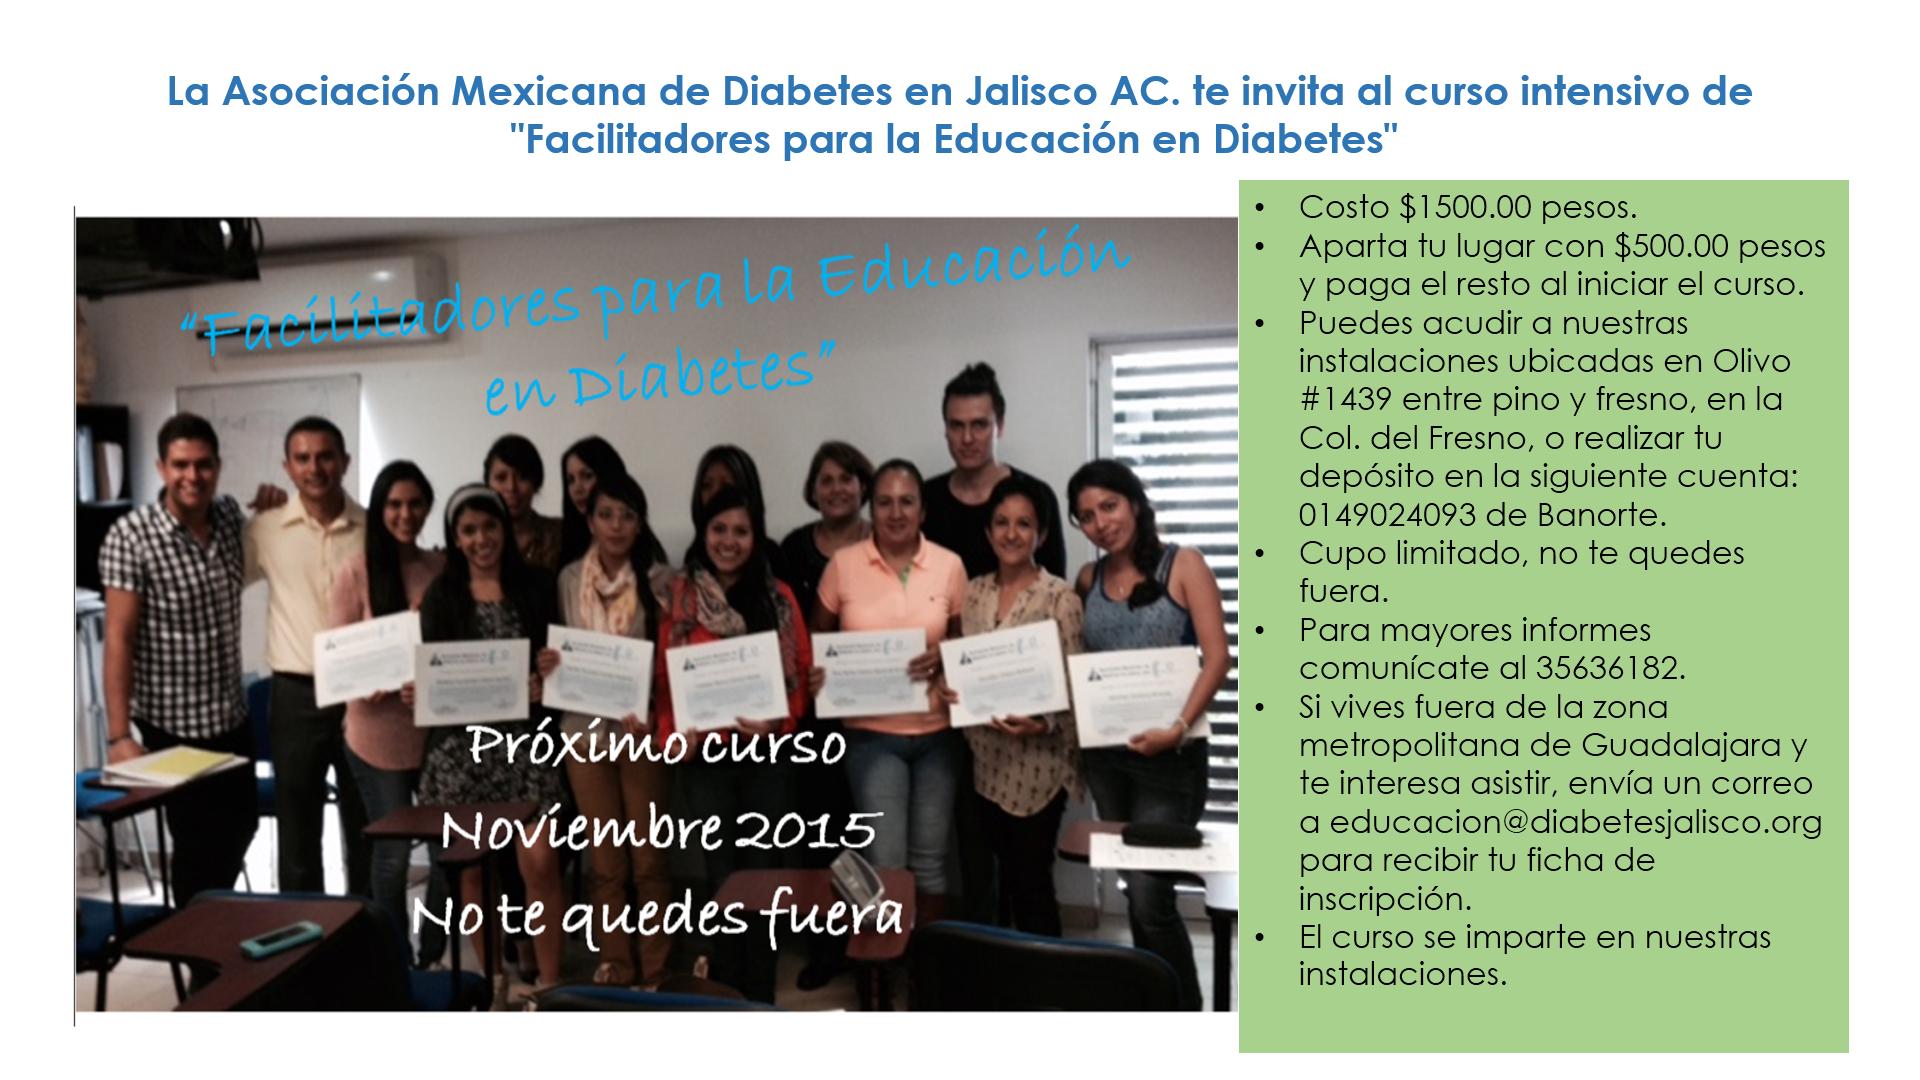 curso de la AMD Jalisco